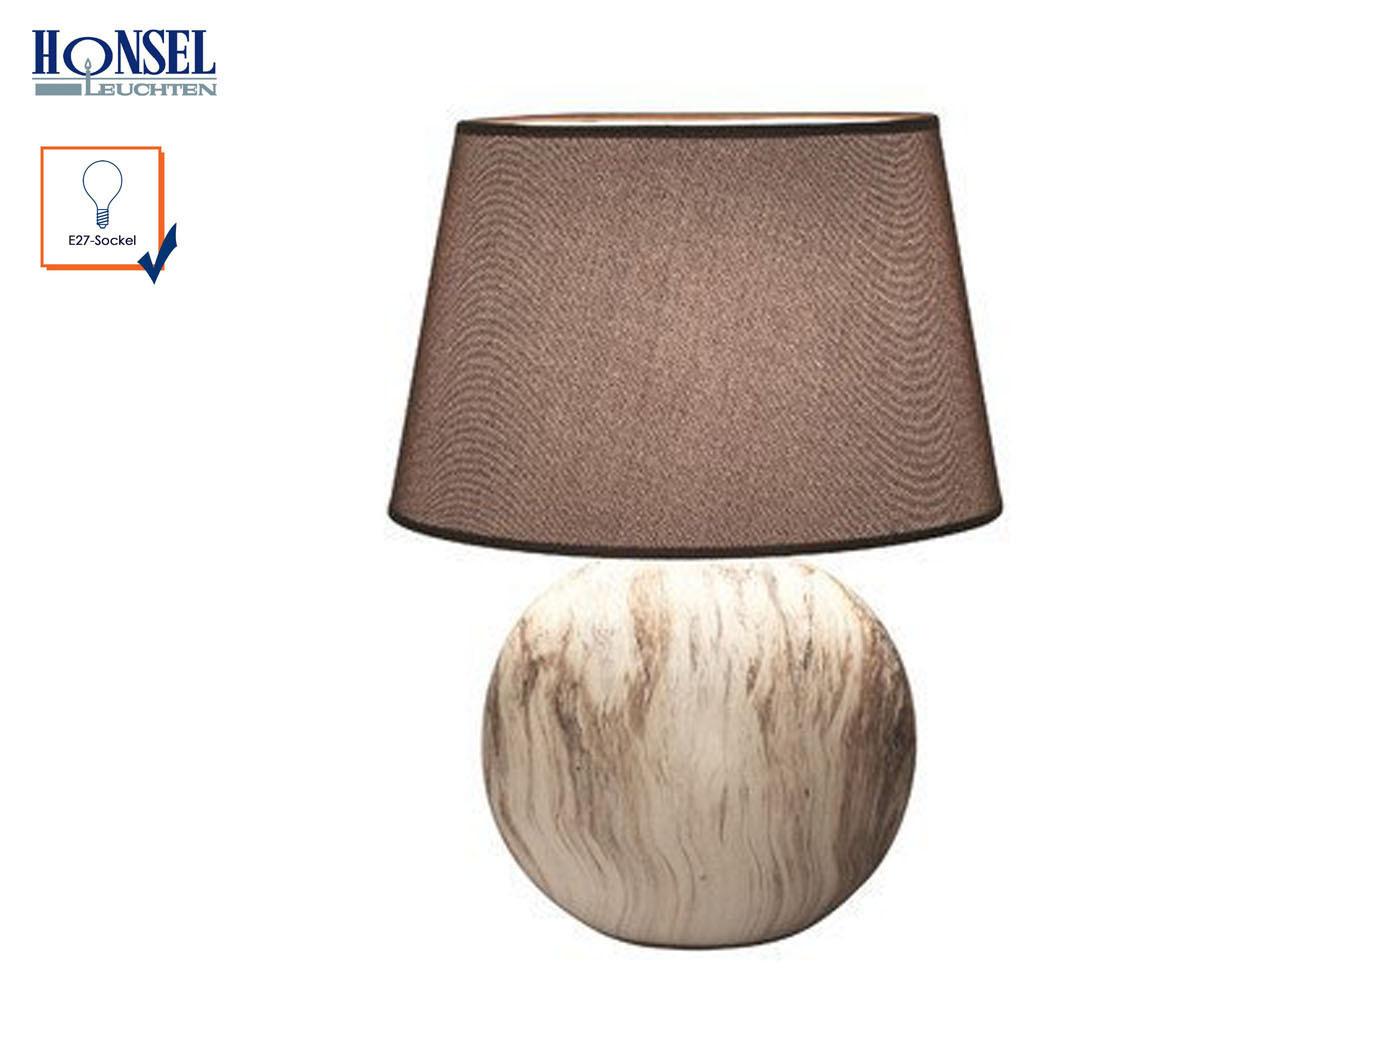 Tischleuchte HILL Strukturstoff braun Höhe 60cm Wohnzimmerlampe Honsel-Leuchten